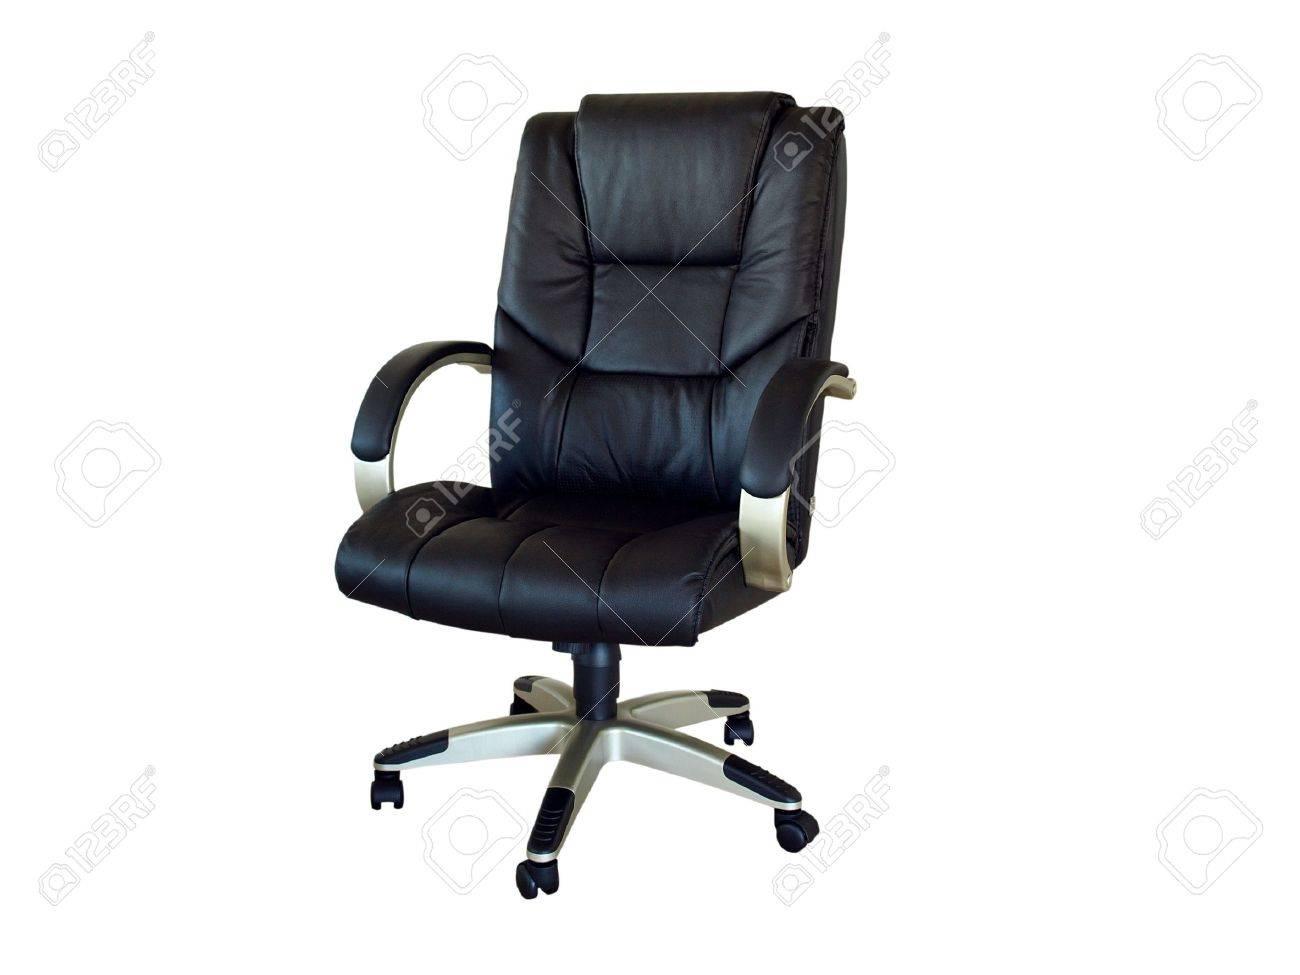 bureau bras très Entreprise style qualité bonne chaise dxhQtsrCBo